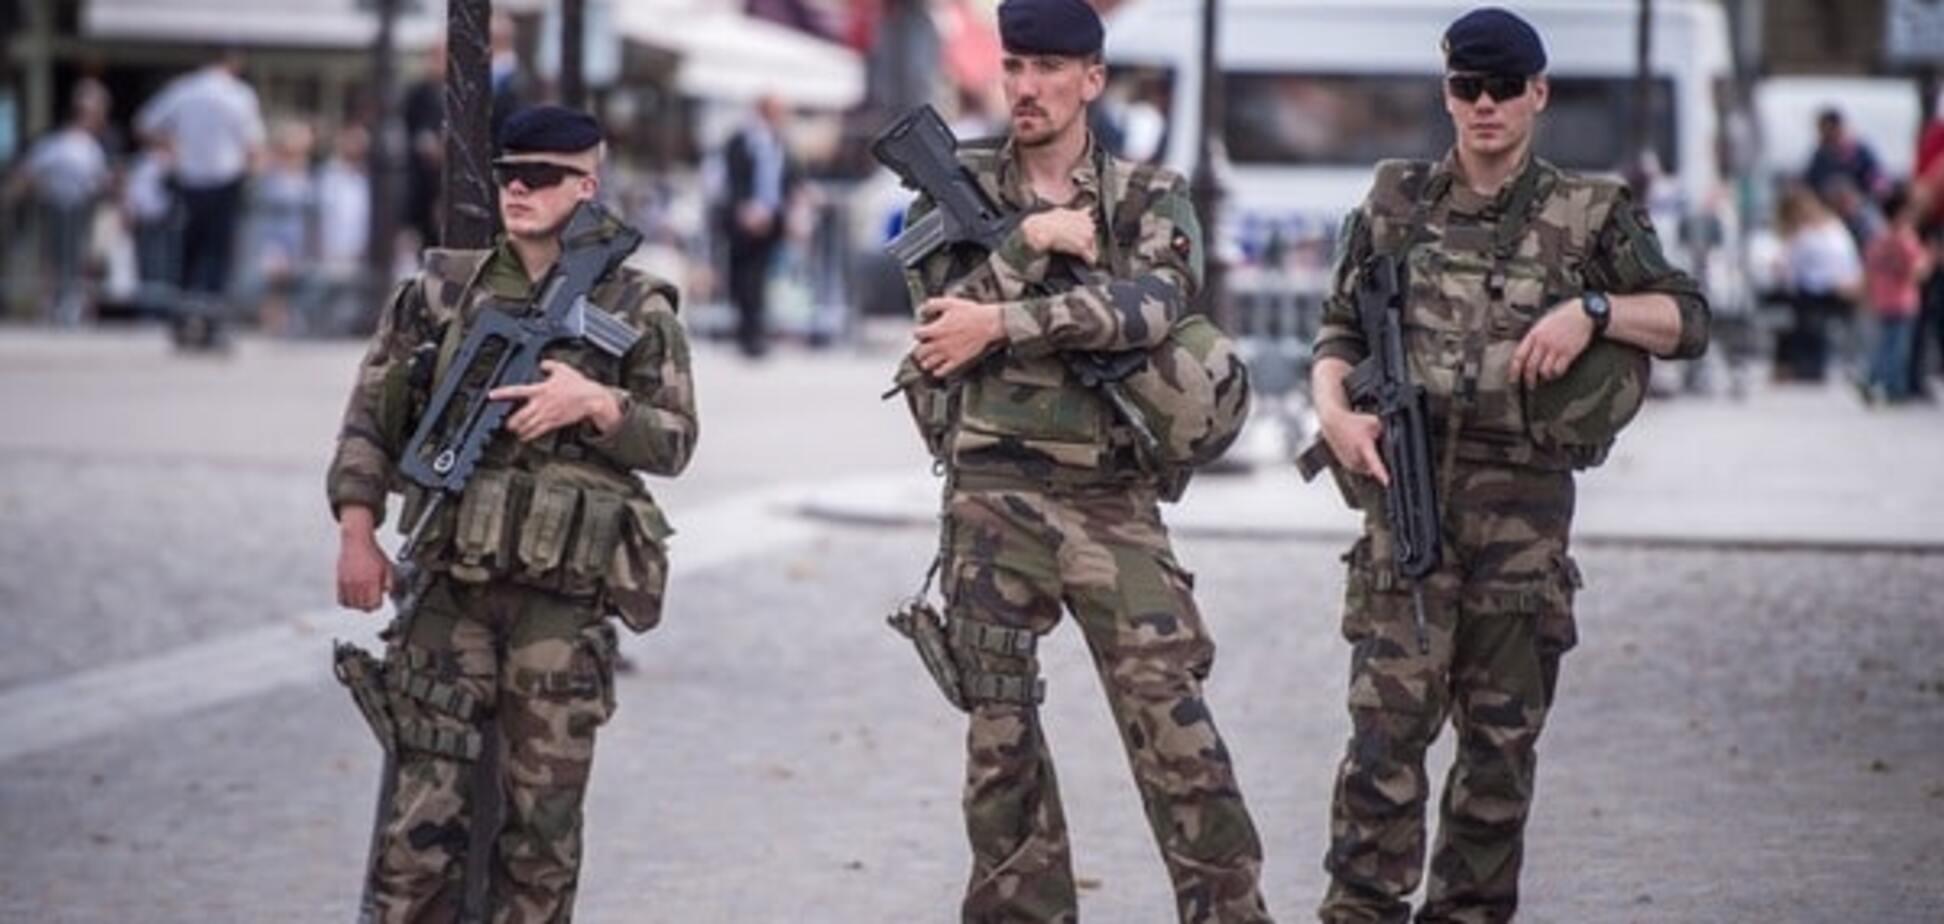 Перегар и лицо цвета прикуривателя: французский солдат заговорил с 'русским миром'